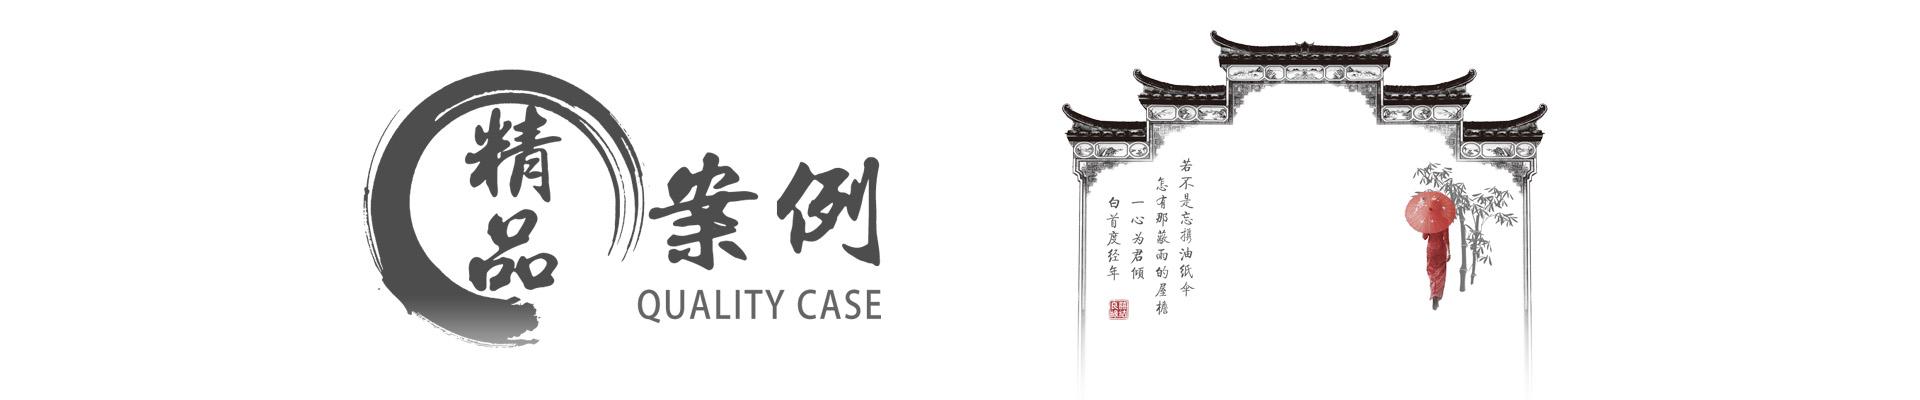 浙江科力印业新技术发展有限公司